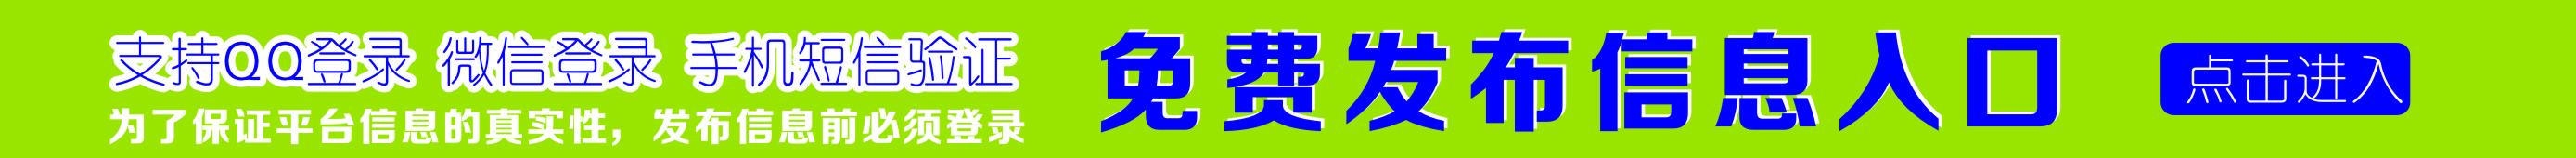 微信QQ登录